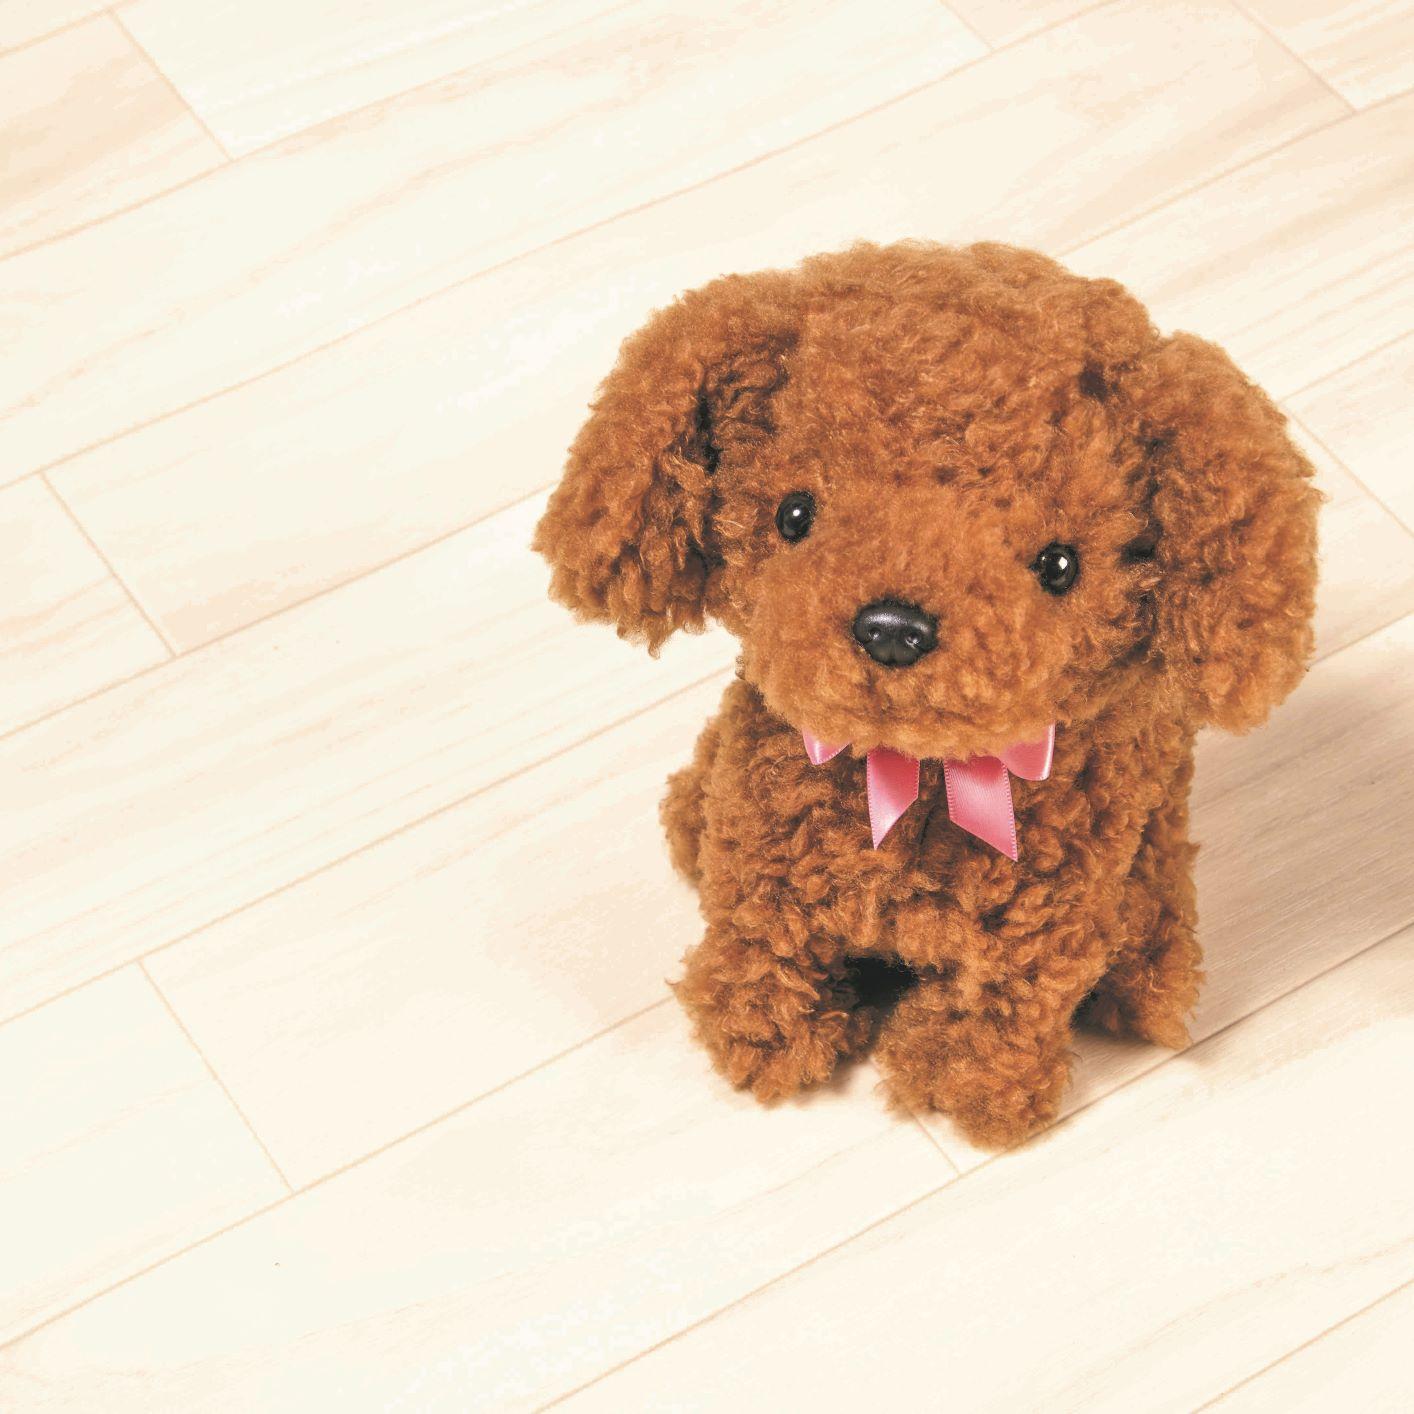 元気な仔犬 トイプードルのショコラちゃん(日・オスト)(週刊新潮DM紹介)